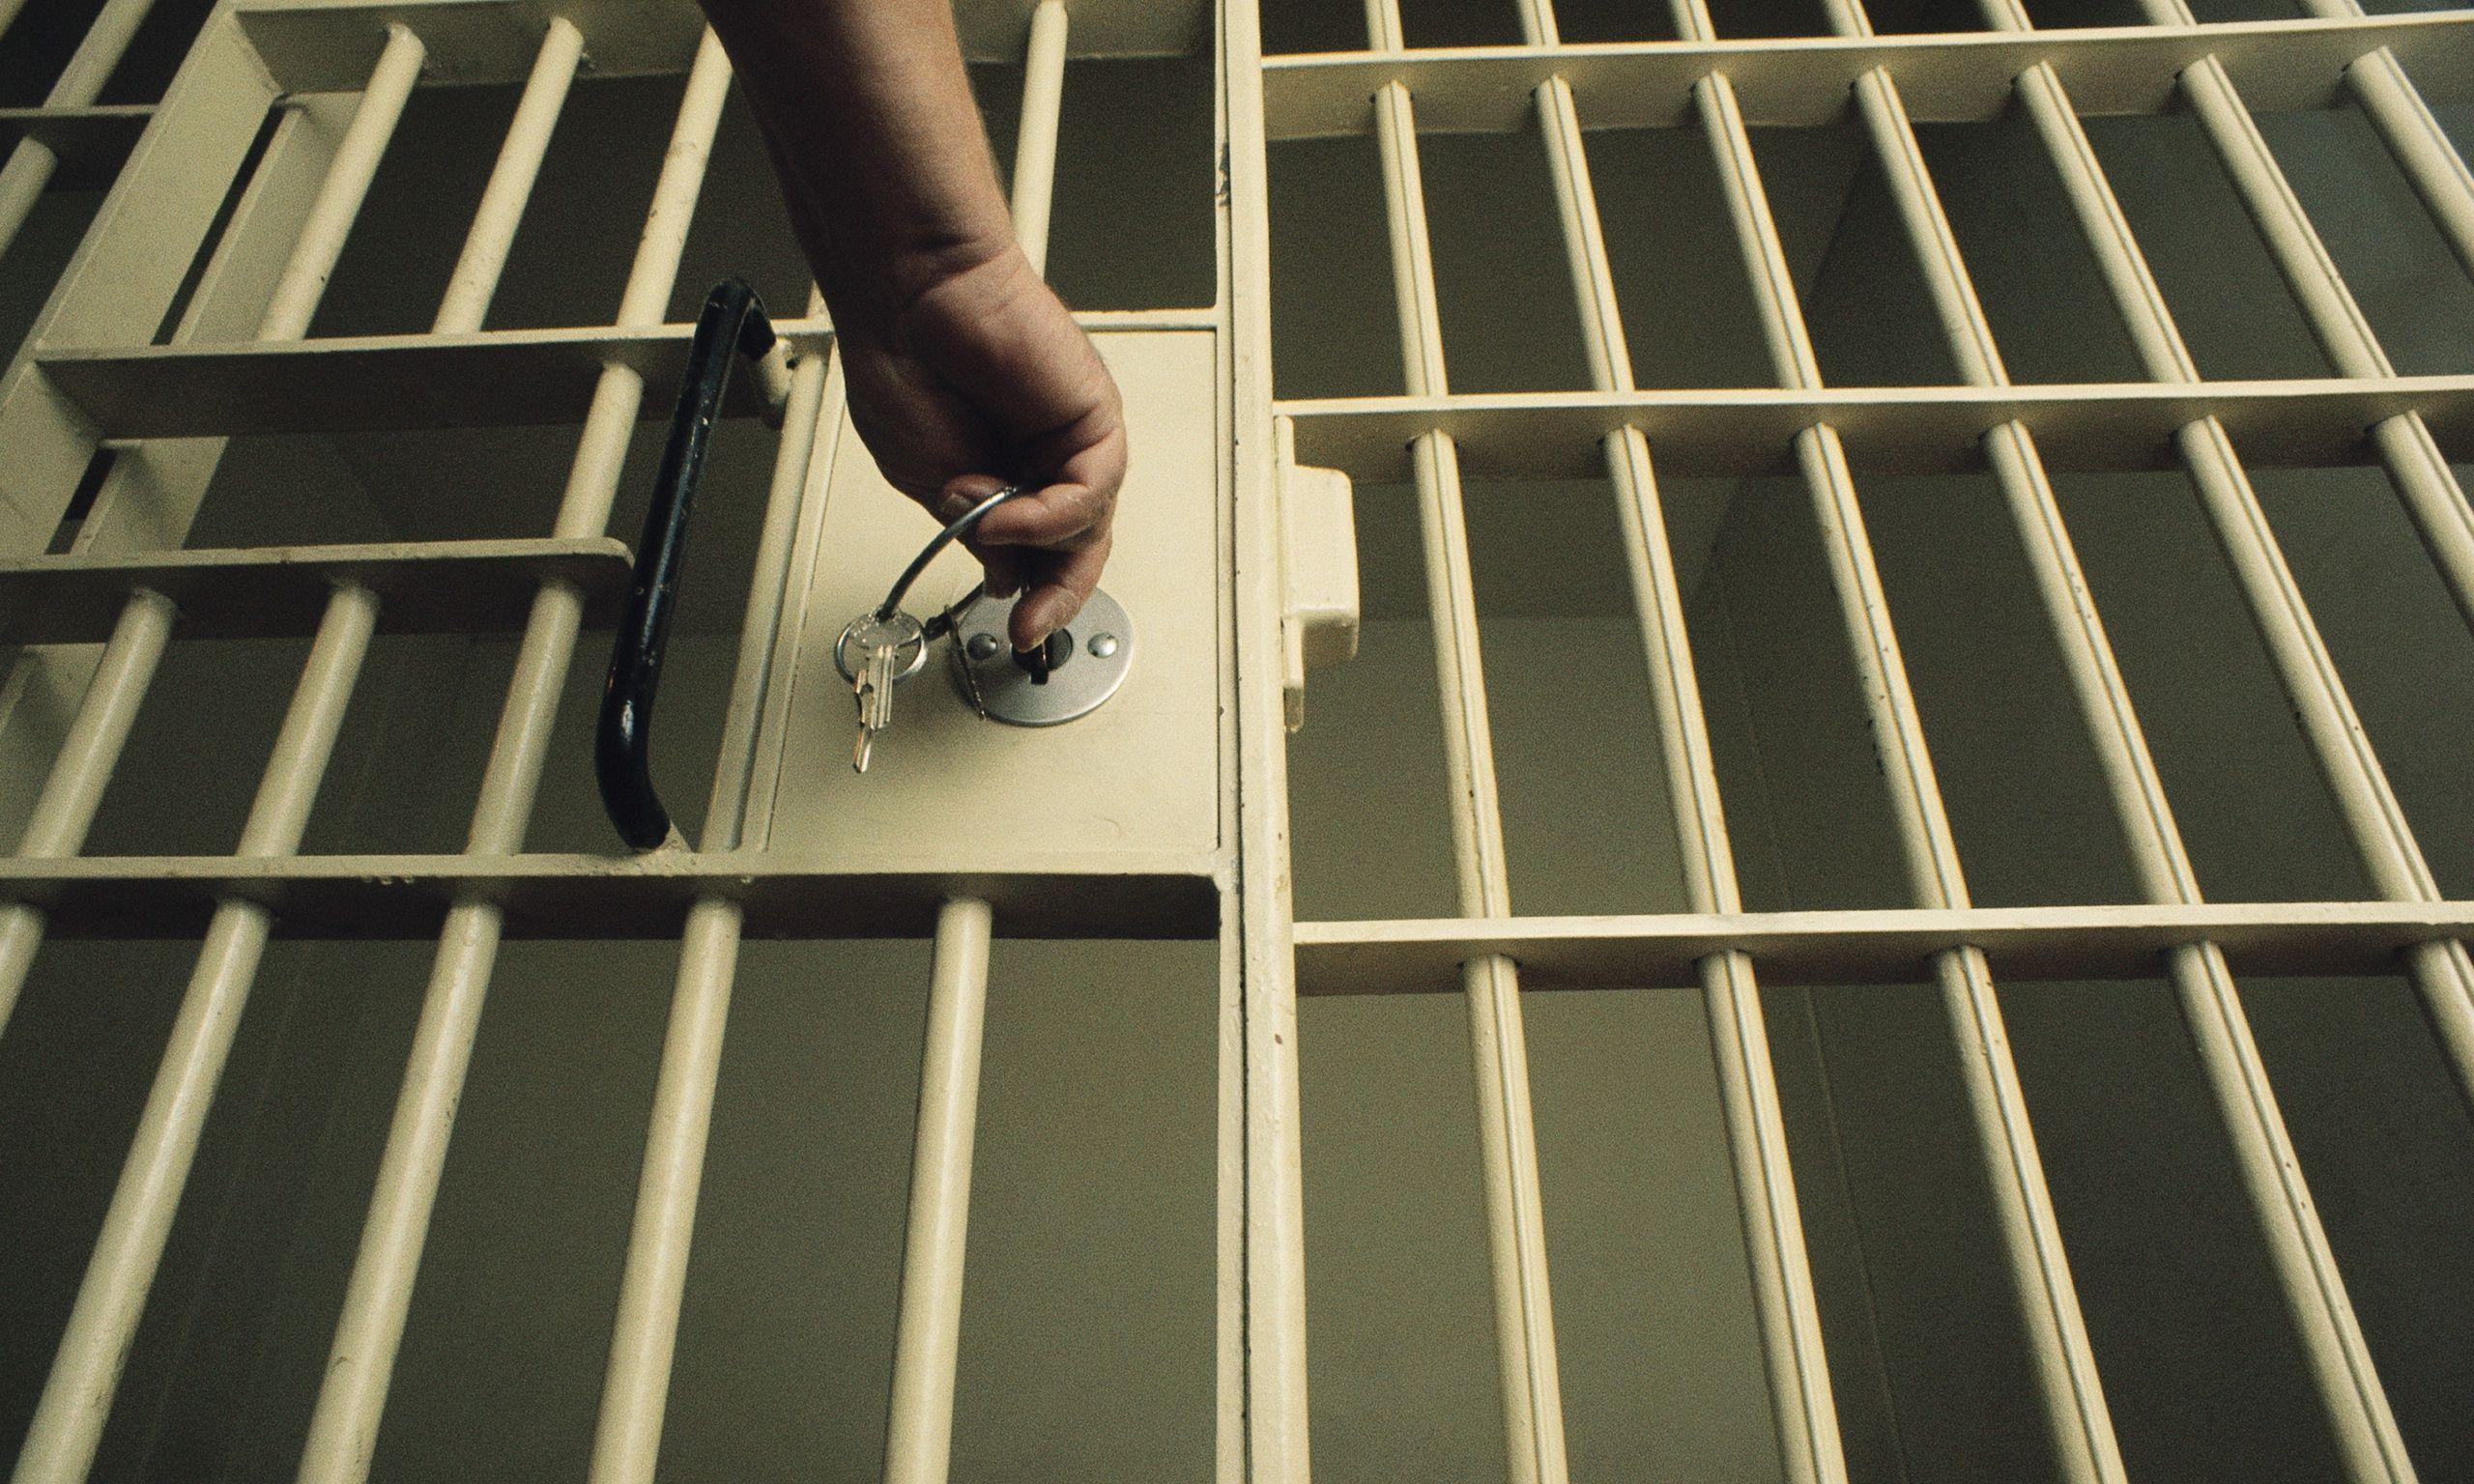 Diário de um agente penitenciário: primeiro dia de trabalho no Raio I